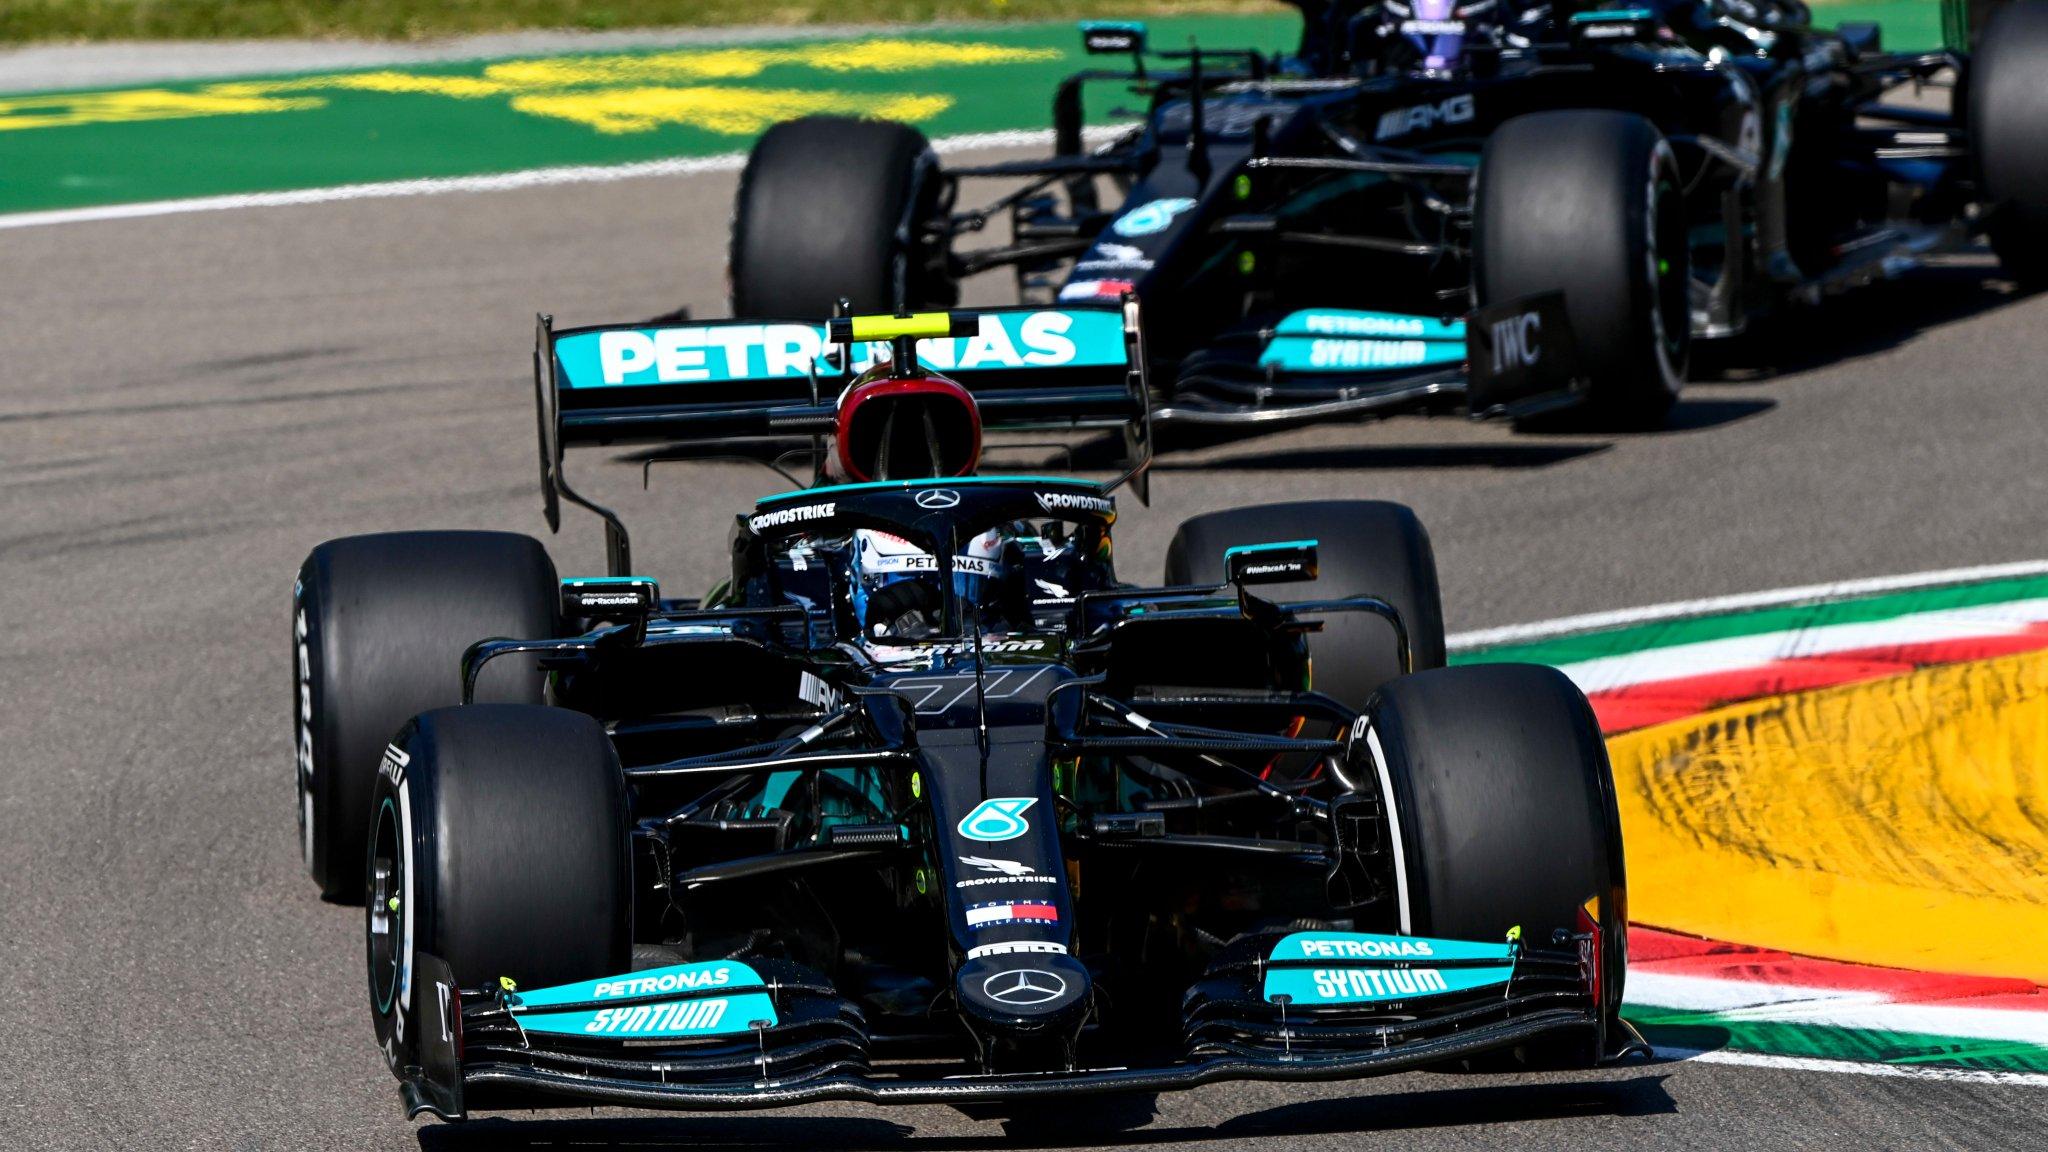 Bottas et Mercedes dominent les essais libres du vendredi